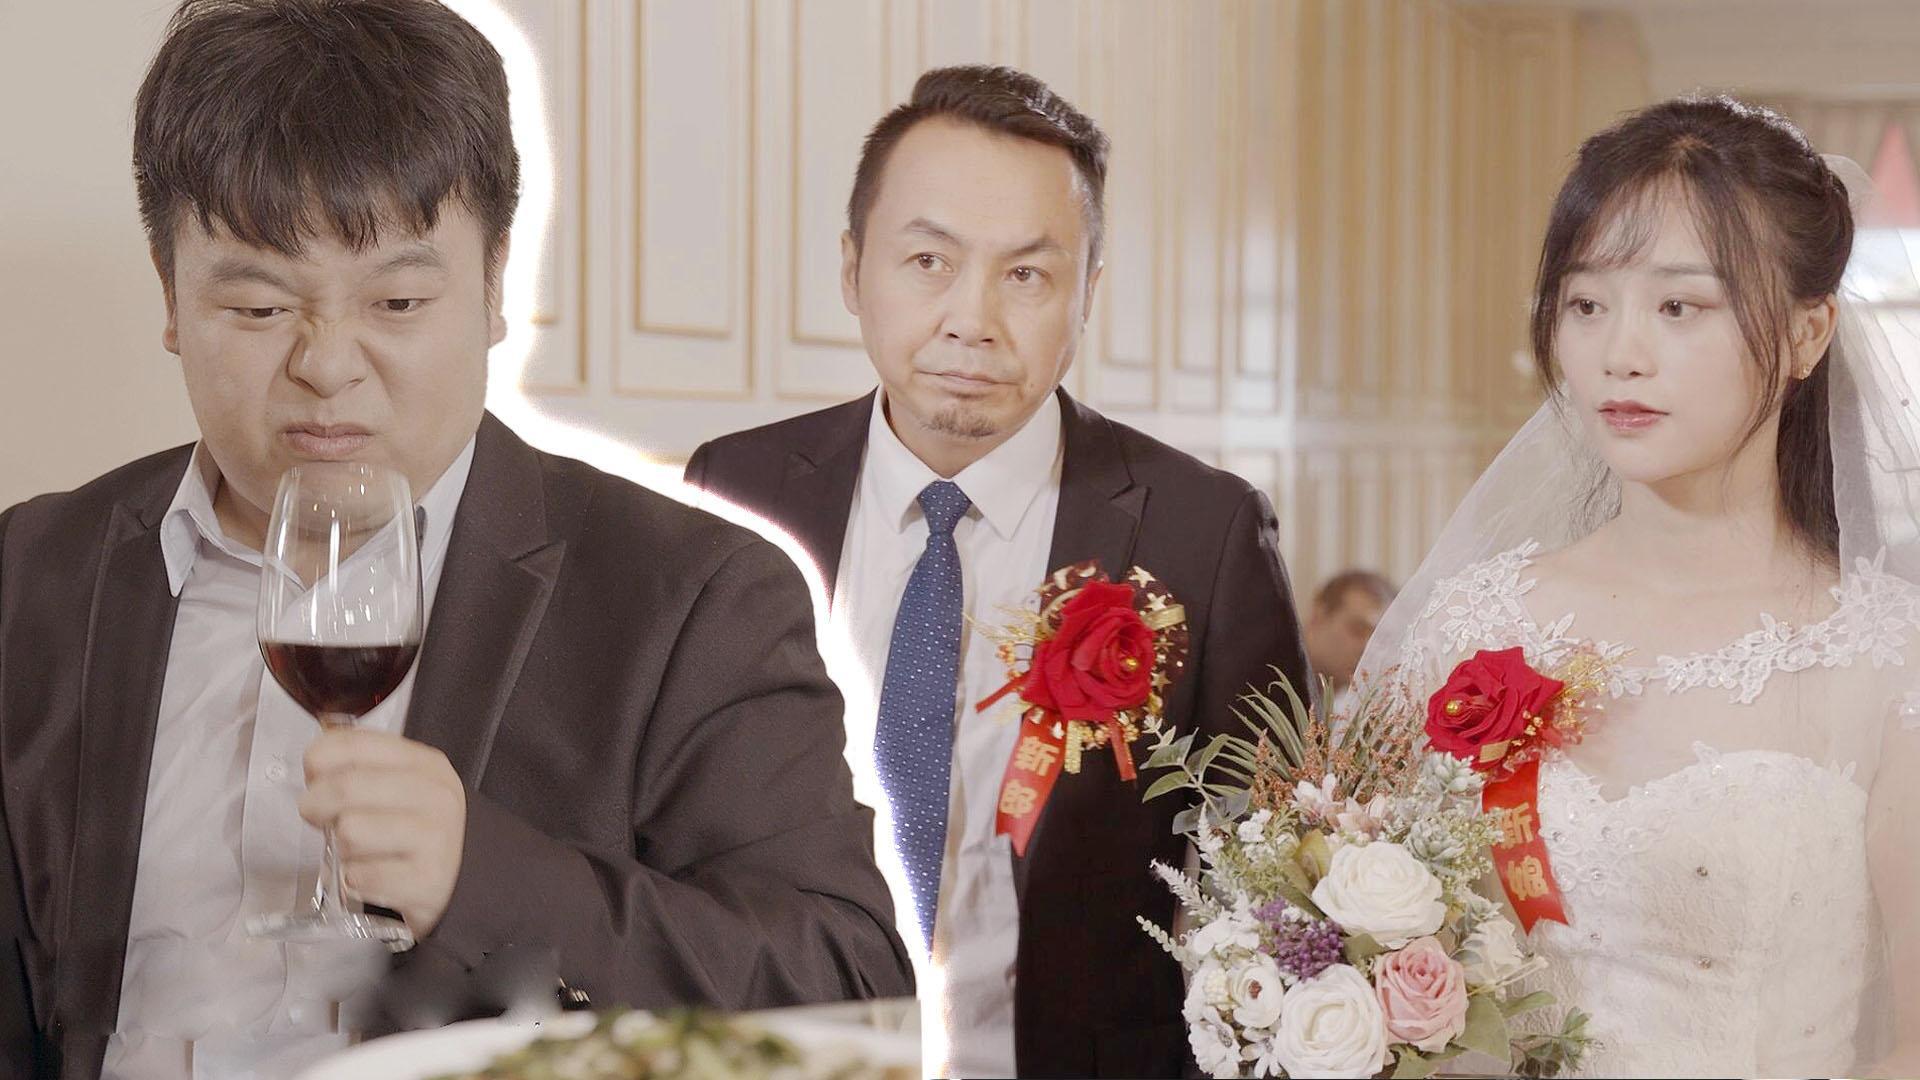 《陈翔六点半》第219集 前任结婚那天,他得知一个无法接受的真相!